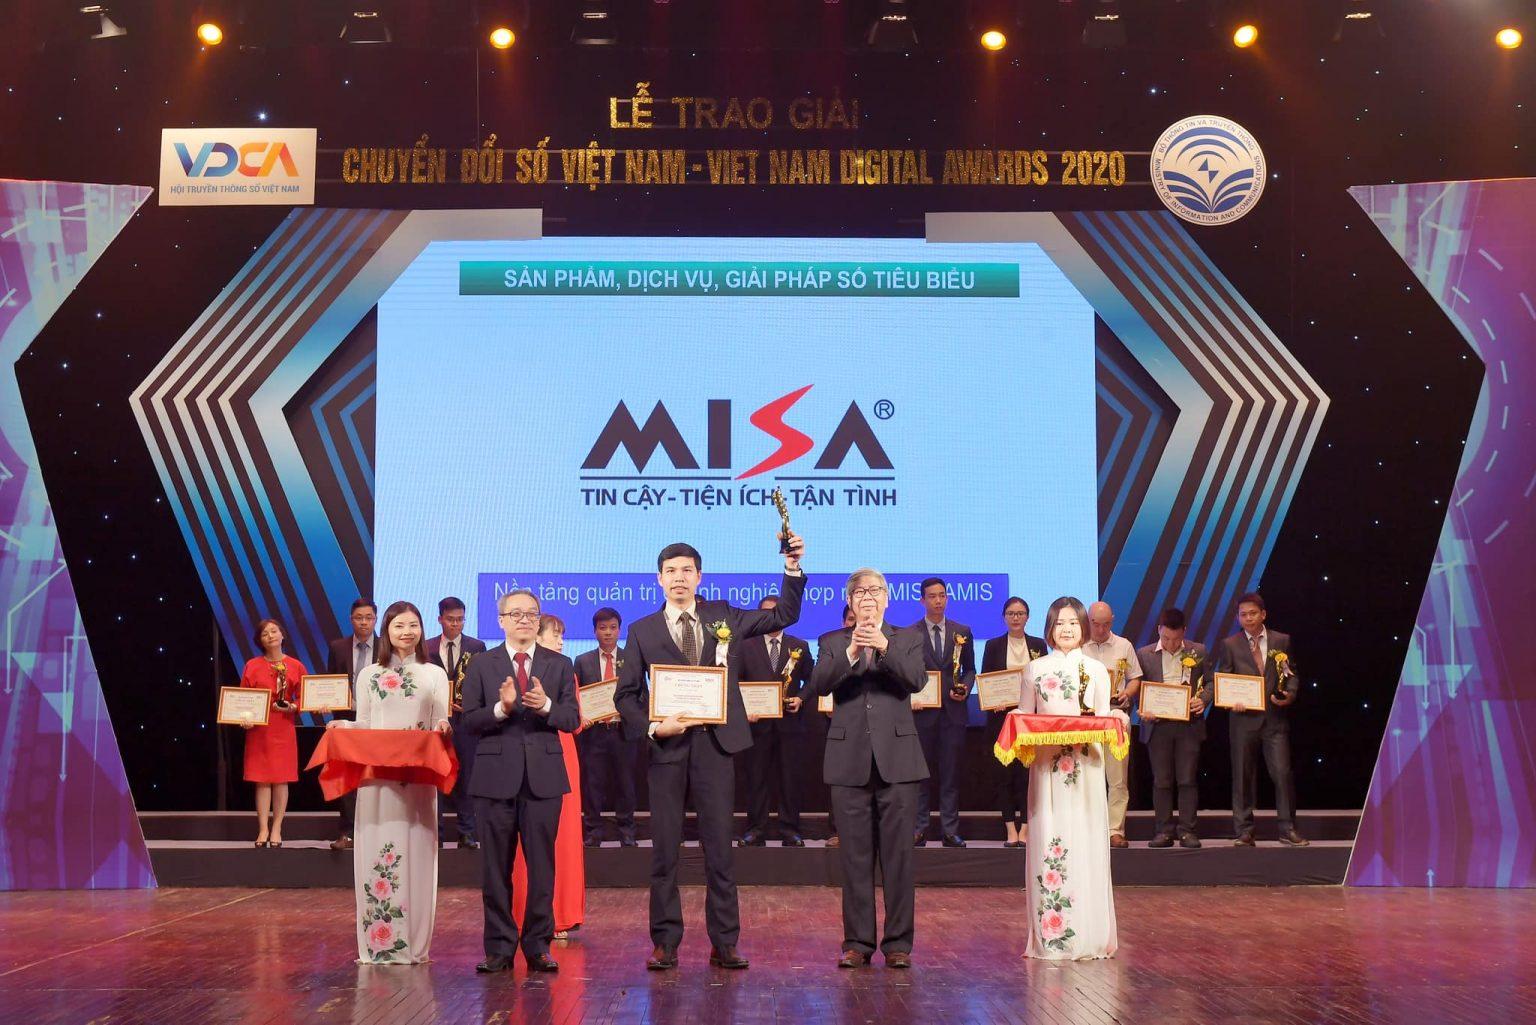 MISA AMIS nhận Giải thưởng chuyển đổi số Việt Nam 2020